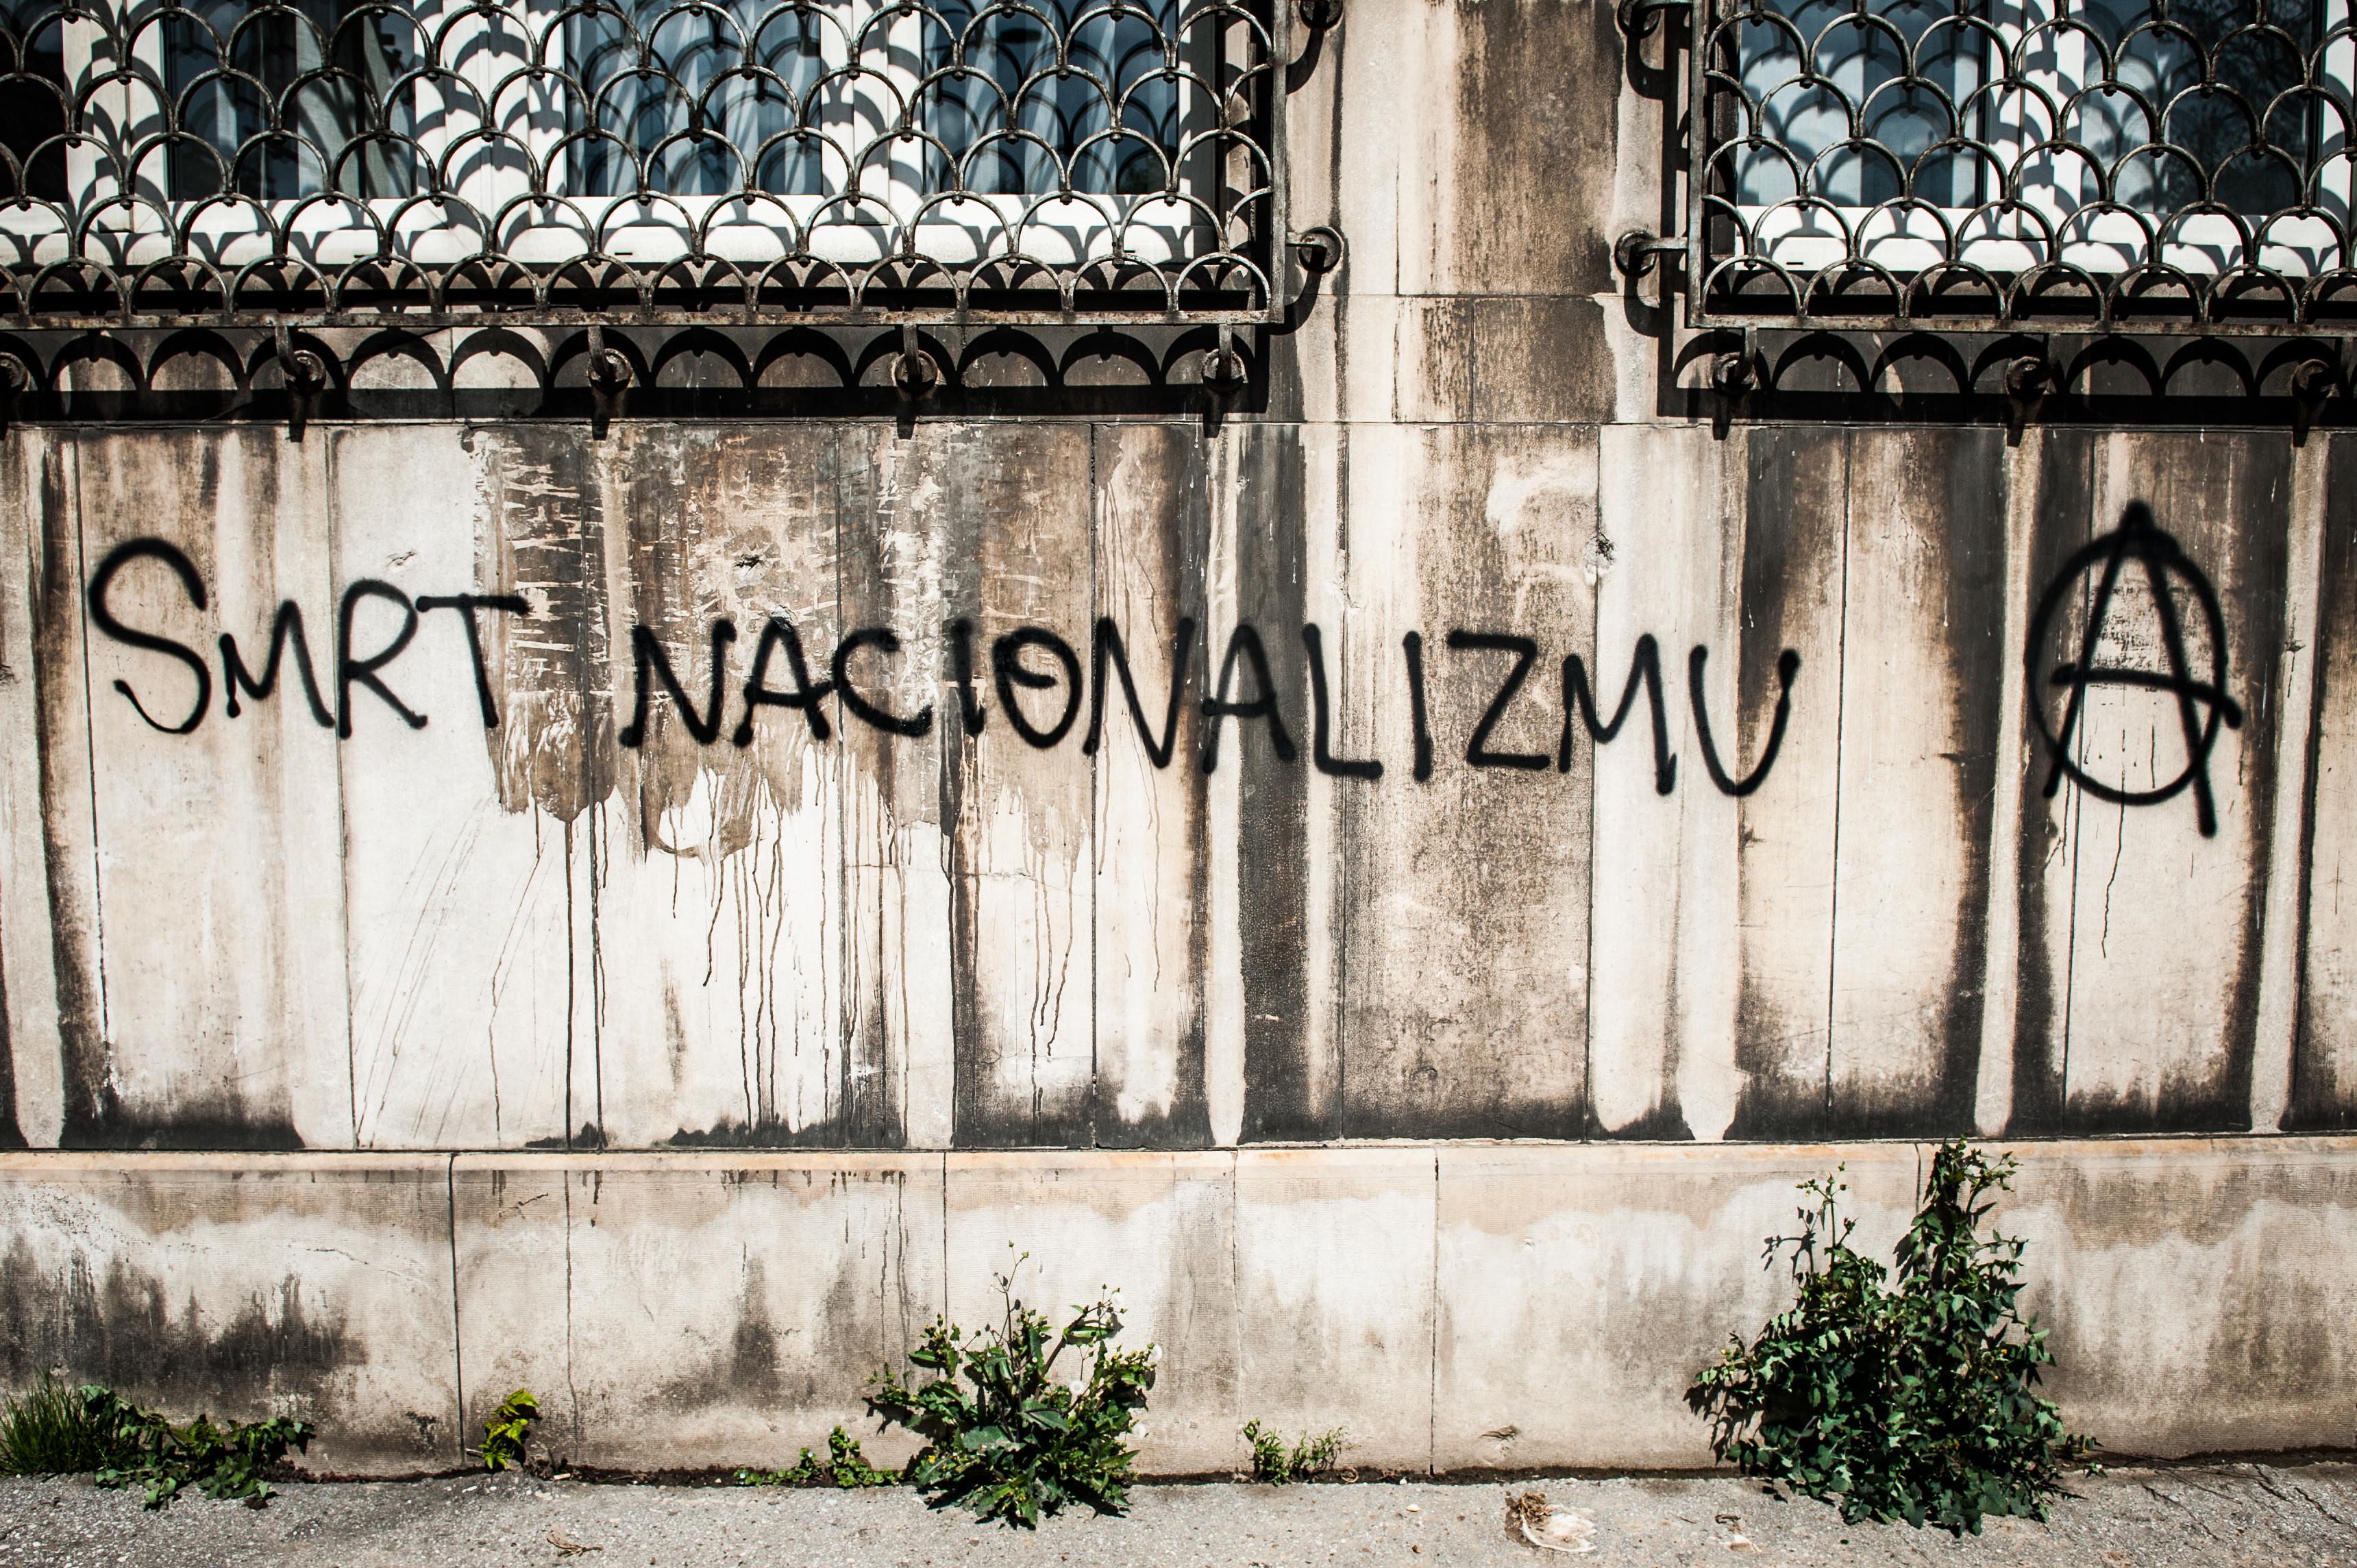 Tko to tamo ruši Bosnu i Hercegovinu?